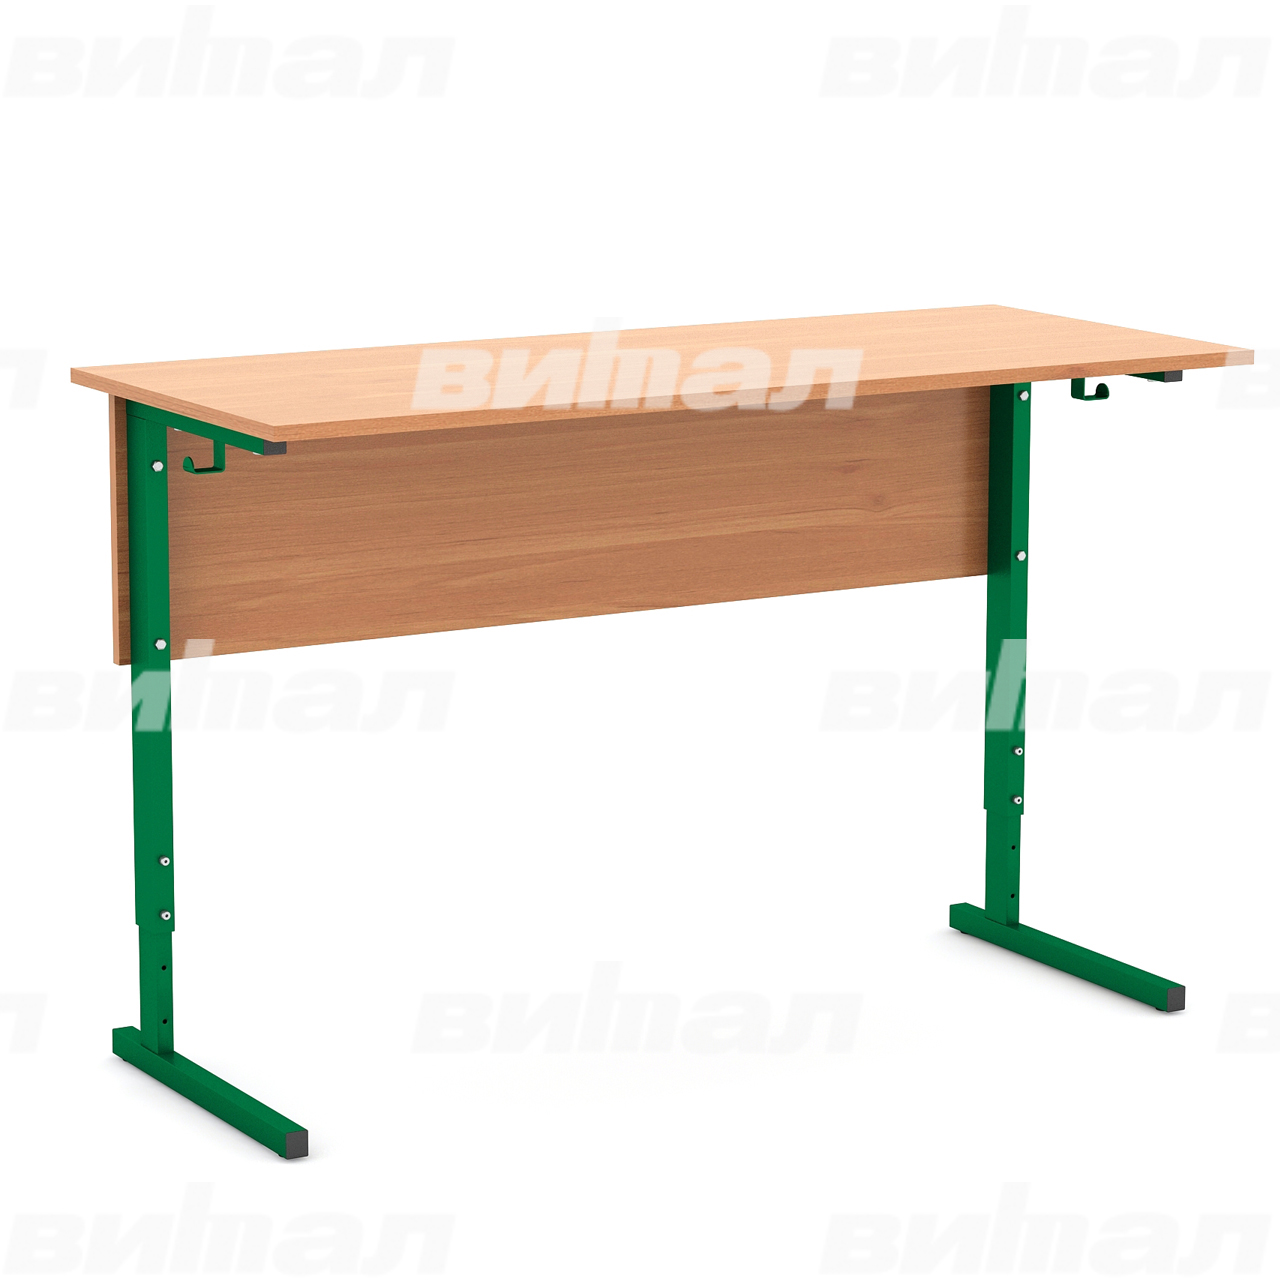 Стол ученический 2-местный регулируемый (гр. 2-4, 3-5 или 4-6) зеленый Ольха 2-4 Меламин